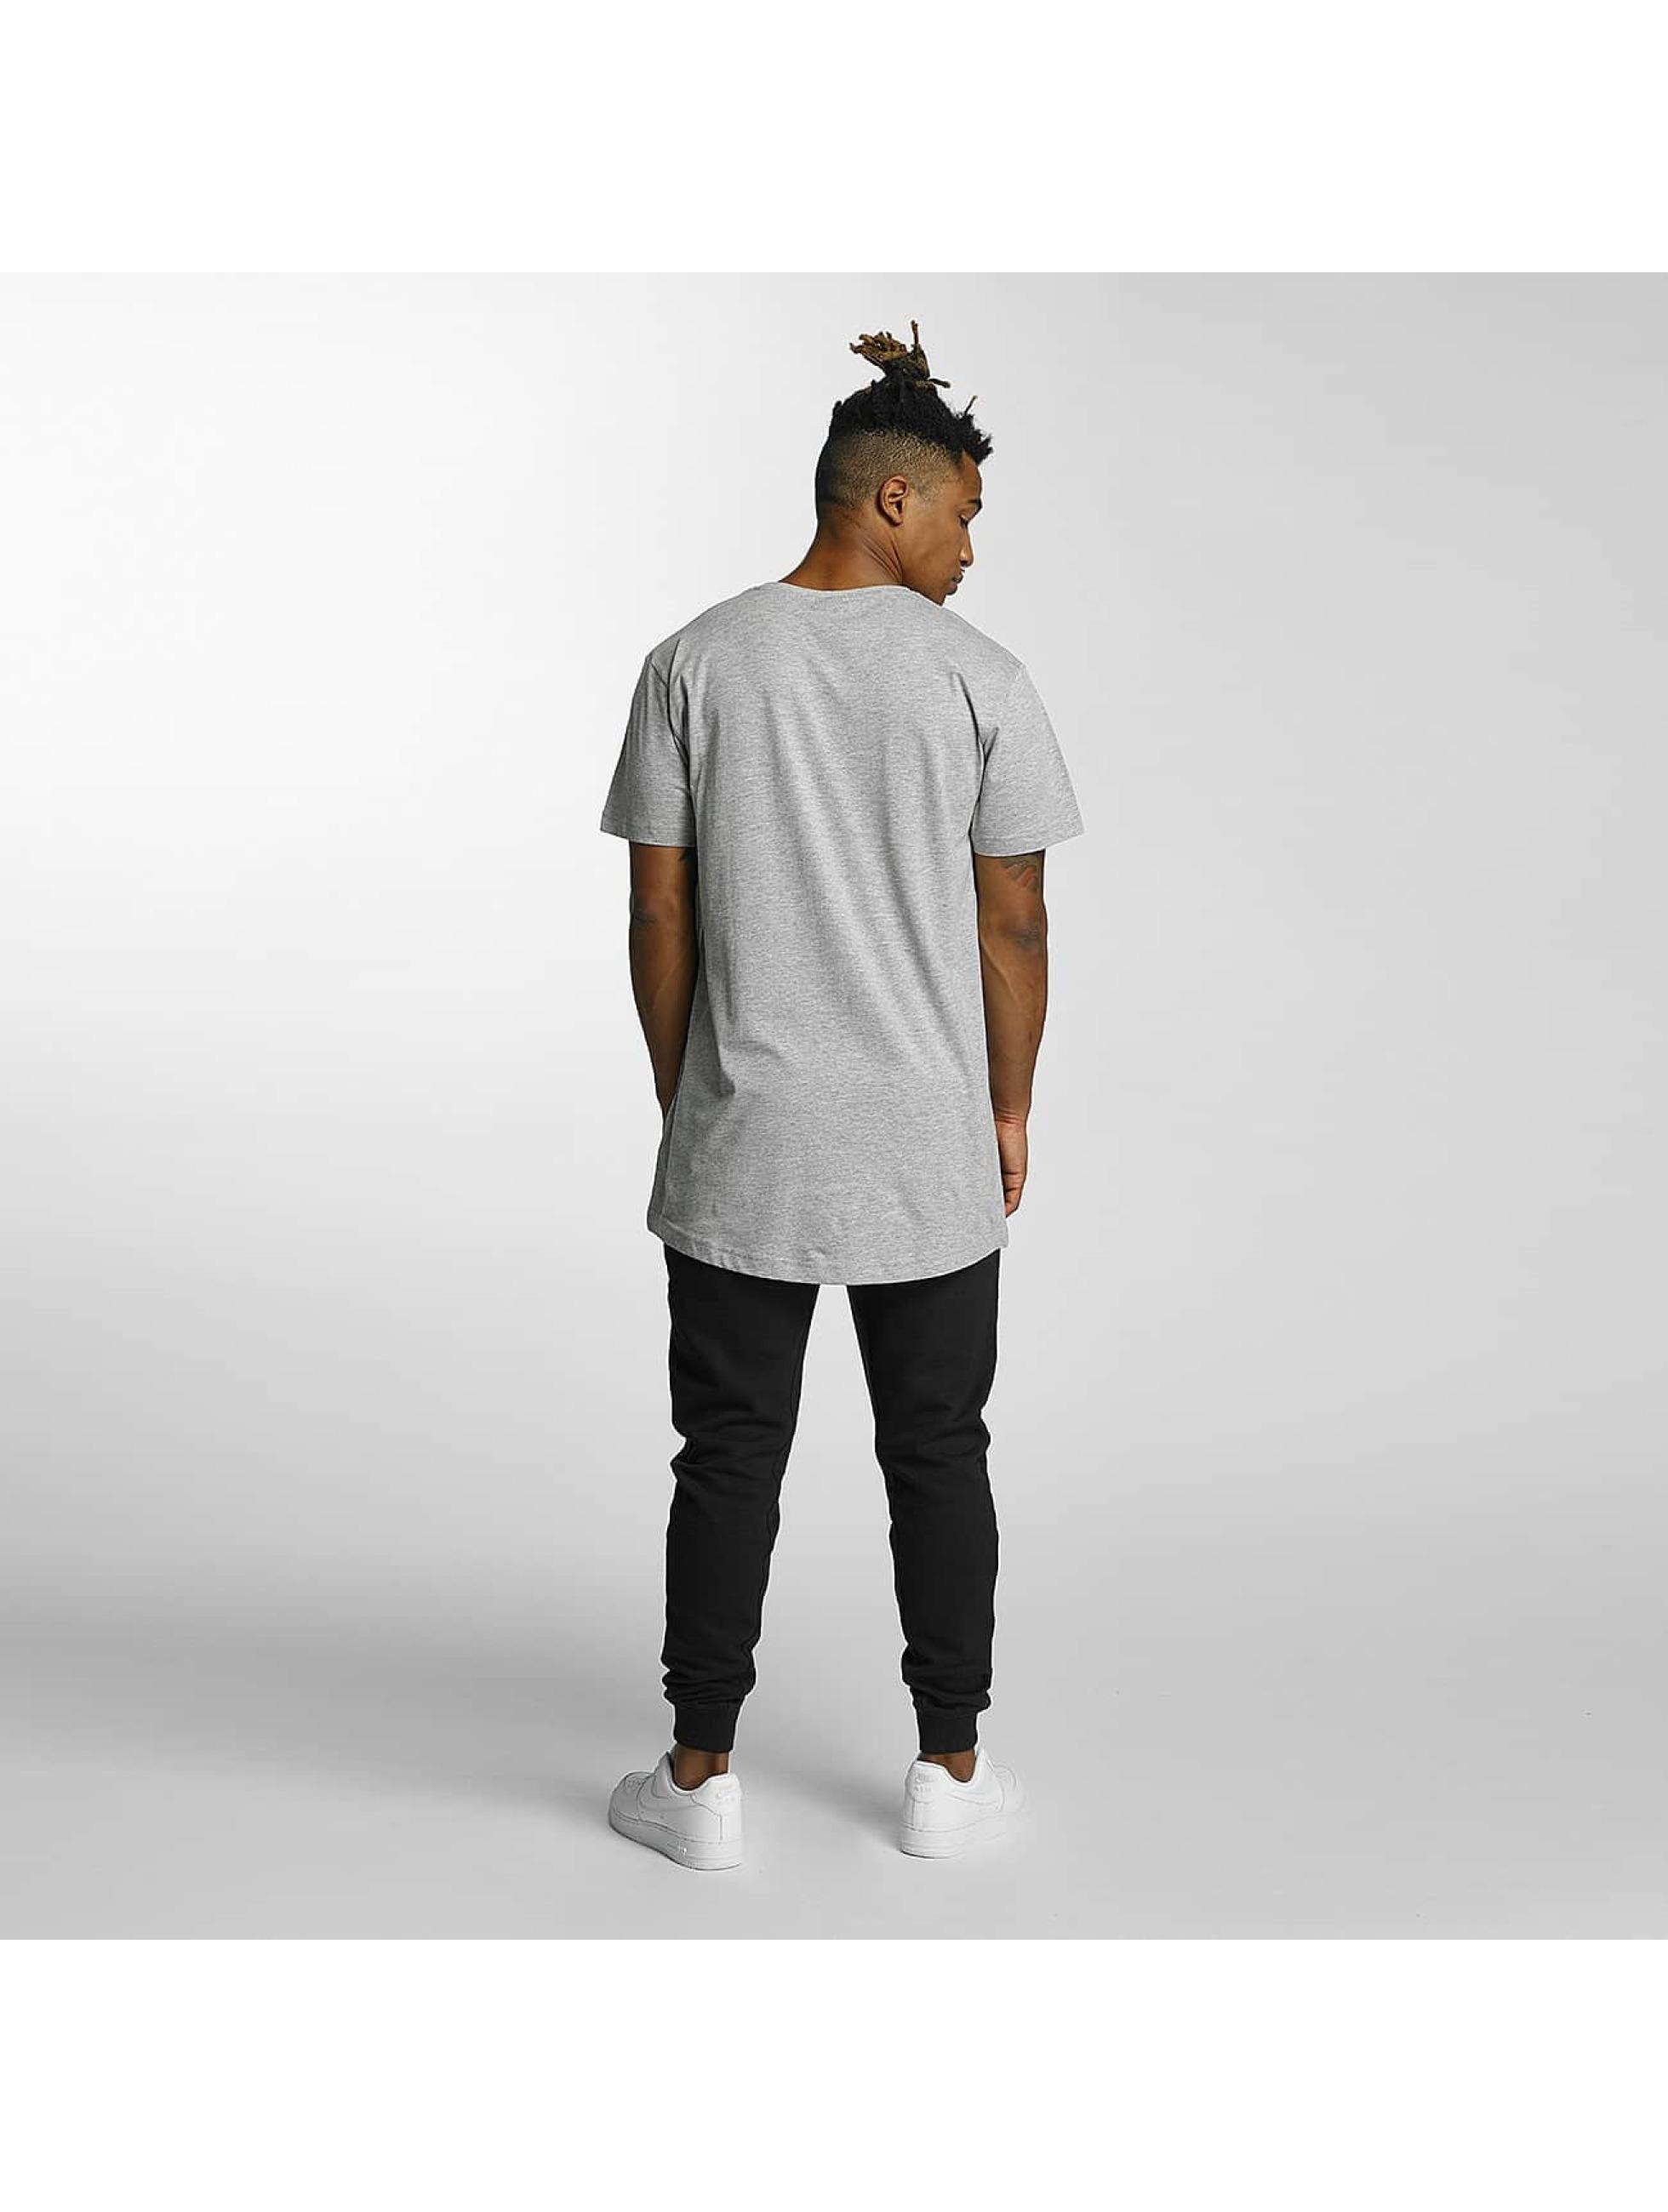 Kingin T-Shirt Isis gray